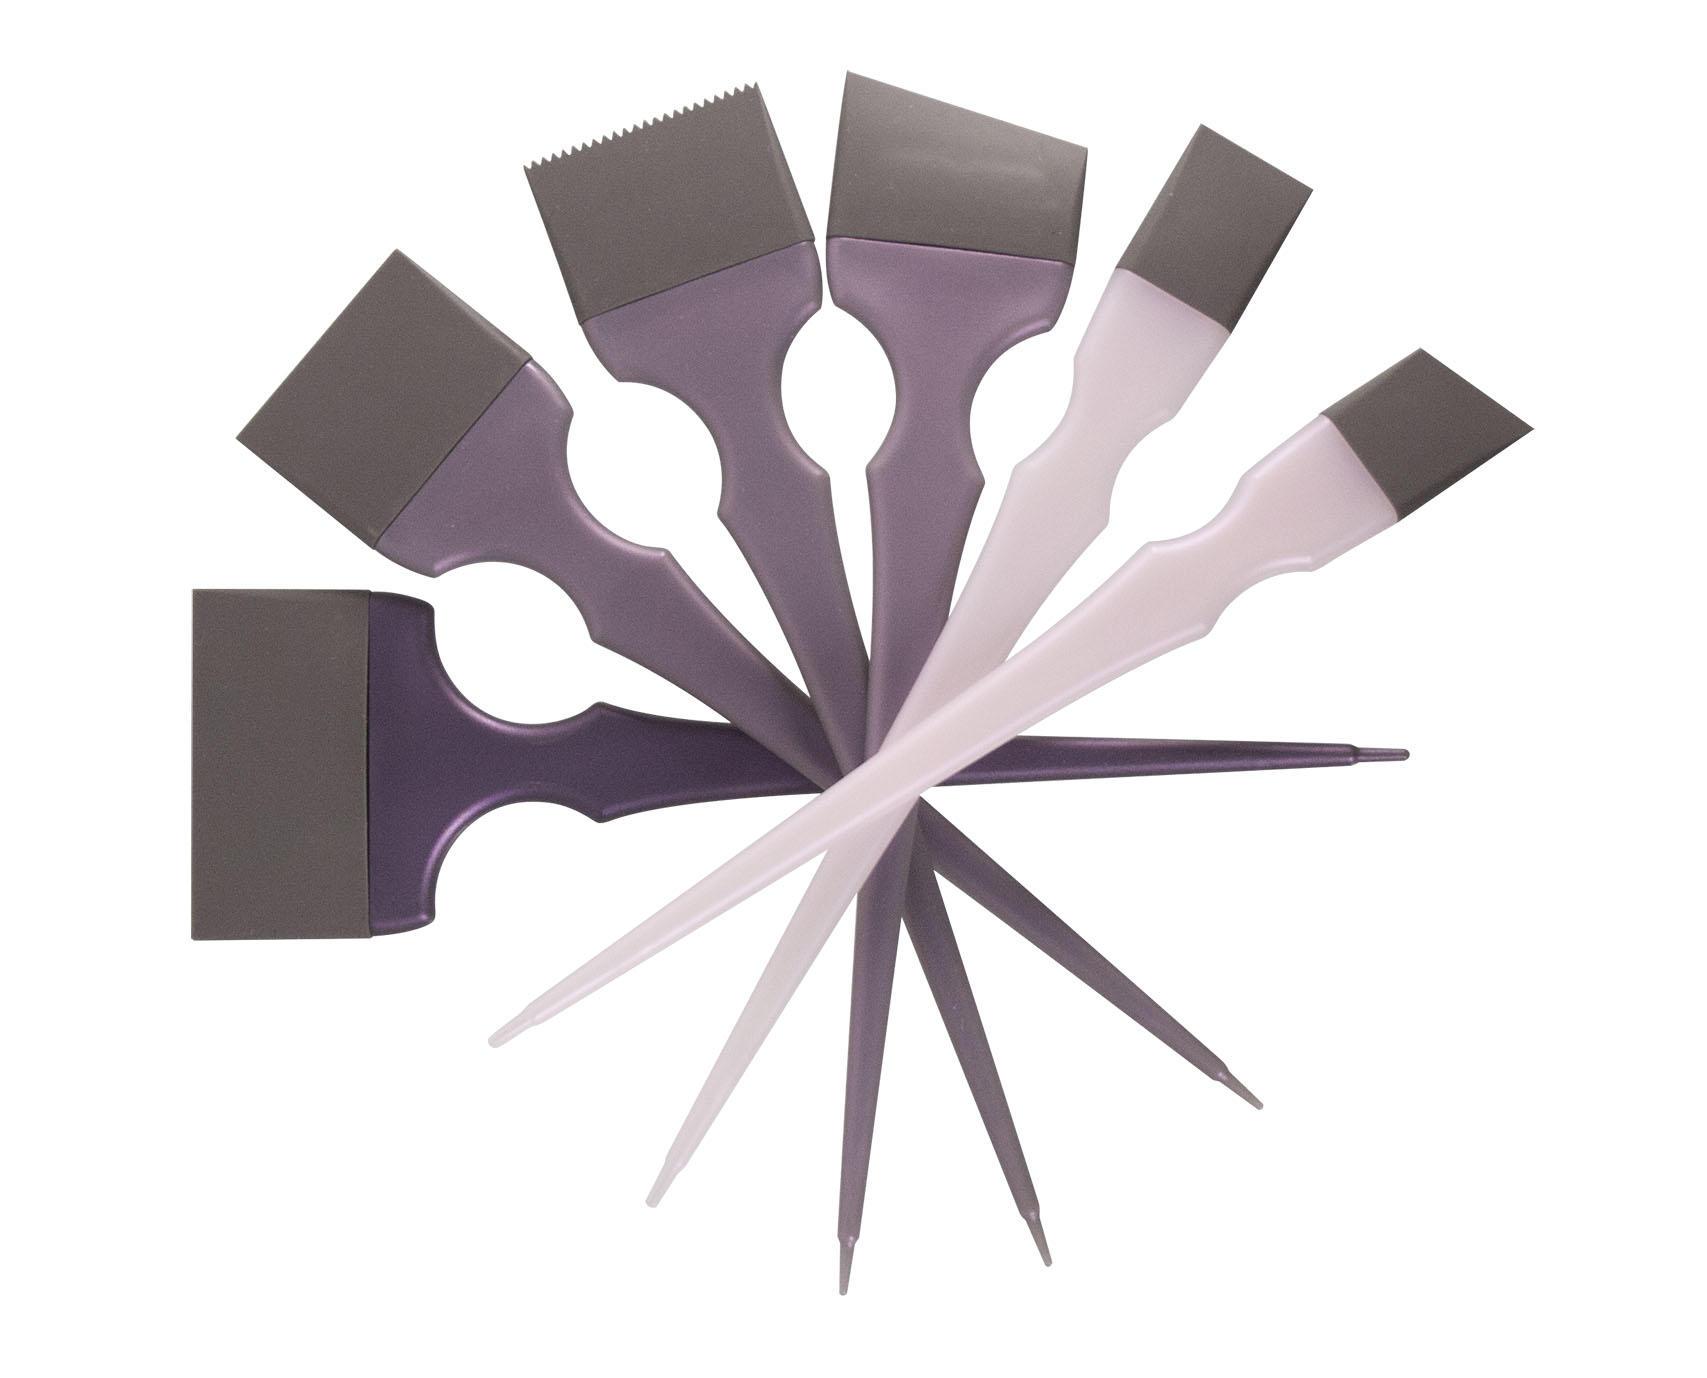 plastic silicon hair dye tinting brush salon coloring dye brush